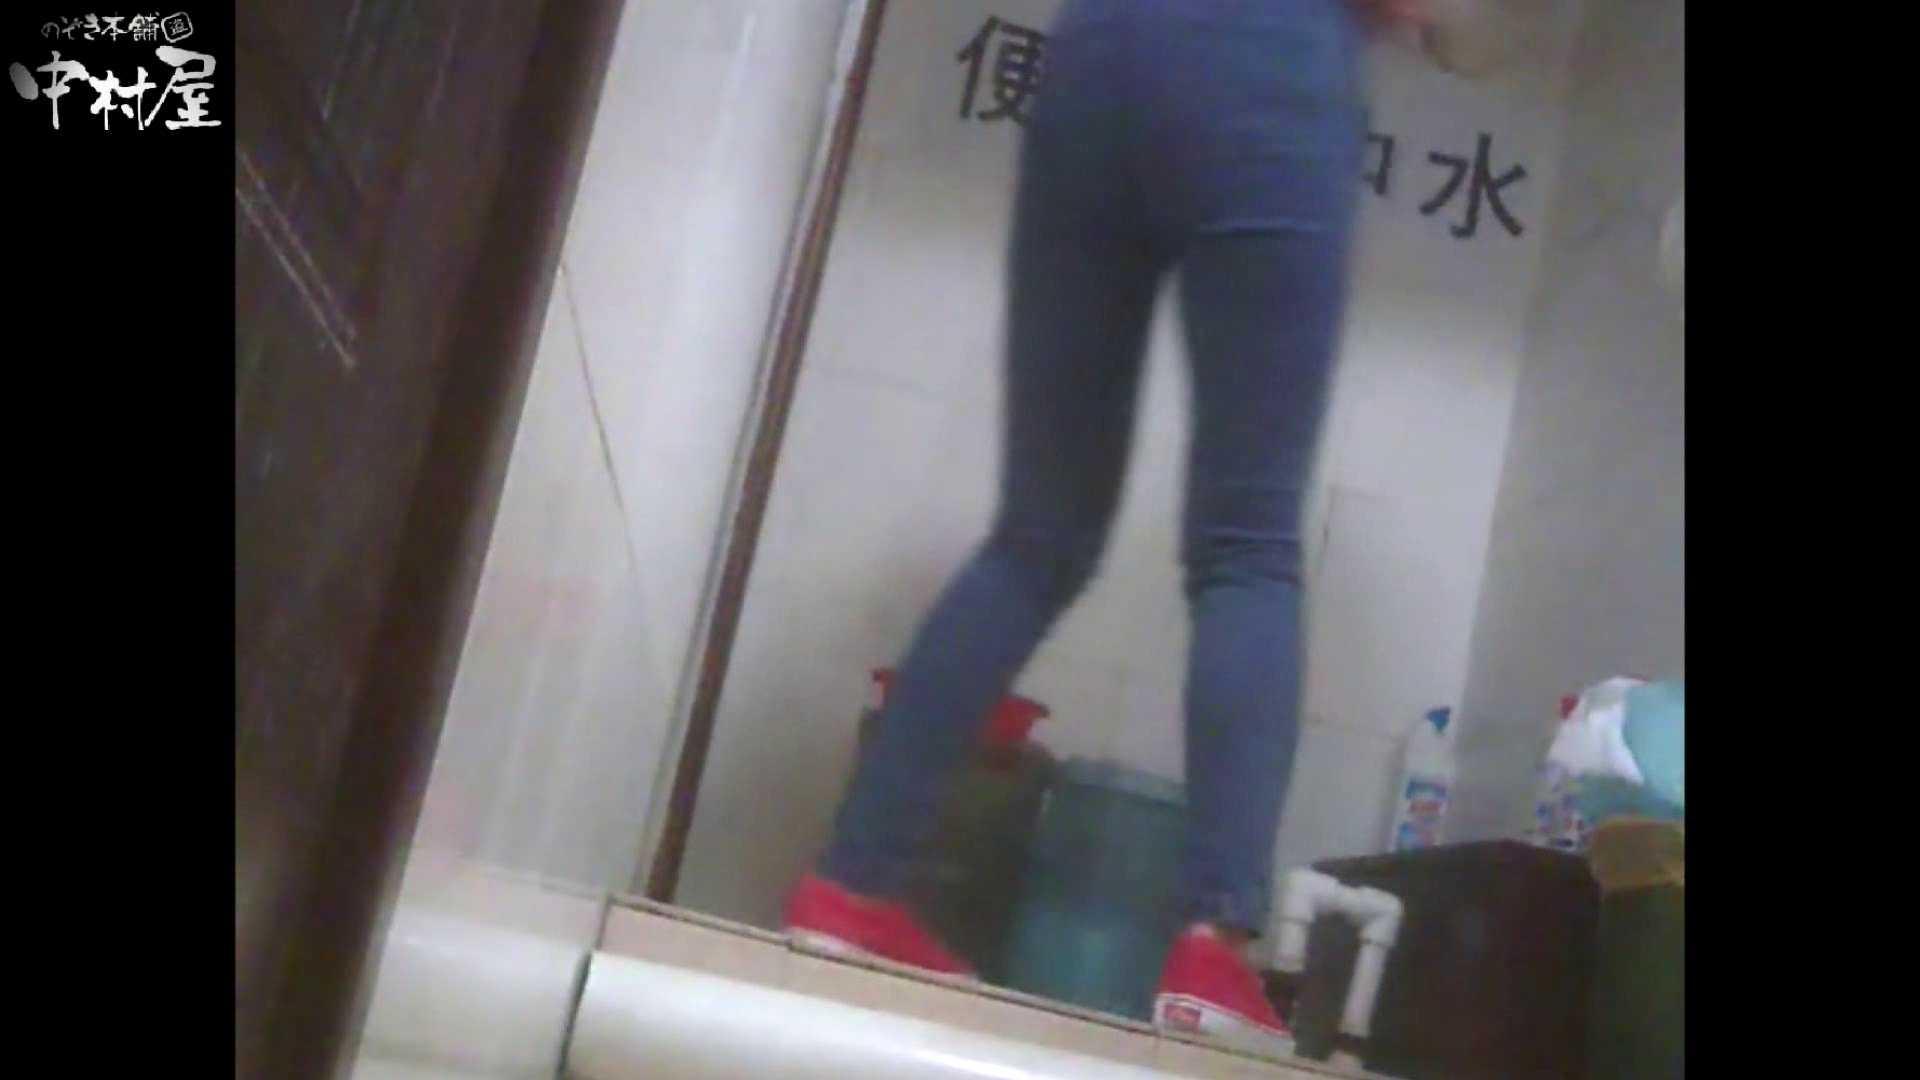 李さんの盗撮日記 Vol.09 トイレ 盗み撮りオマンコ動画キャプチャ 111画像 104